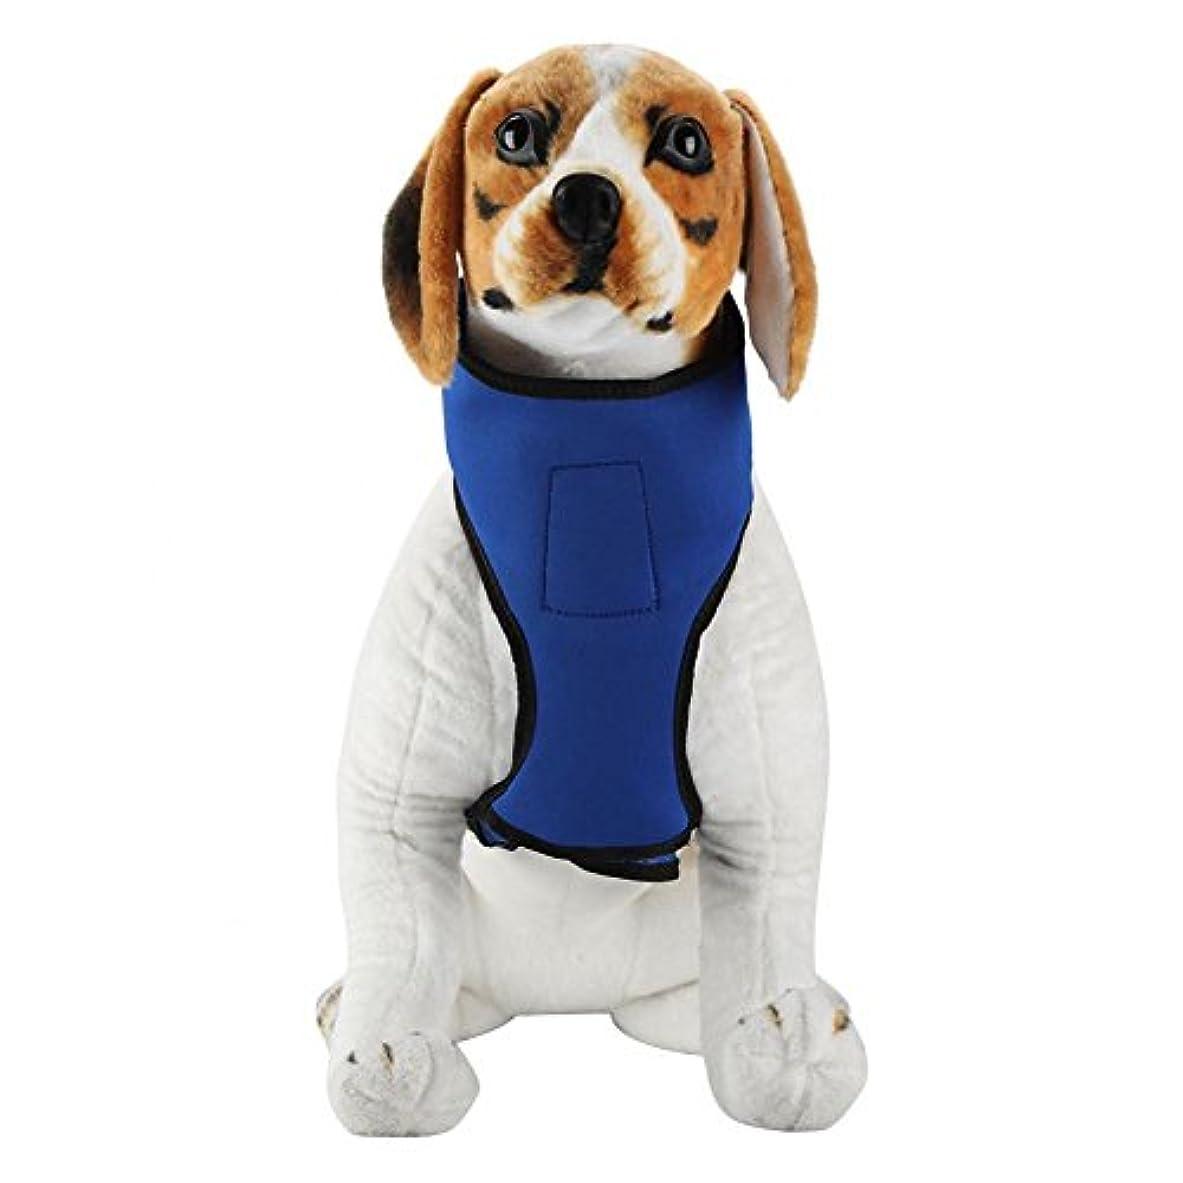 ギャングスター固有のスペース犬用 ハーネス 首輪 犬用ネックレス ひんやり首輪 冷却ネックレス 涼しい 犬の襟 クーラー ステッカー調節可能 着脱簡単 小型犬 中型犬 大型犬 柴犬 秋田犬に向け